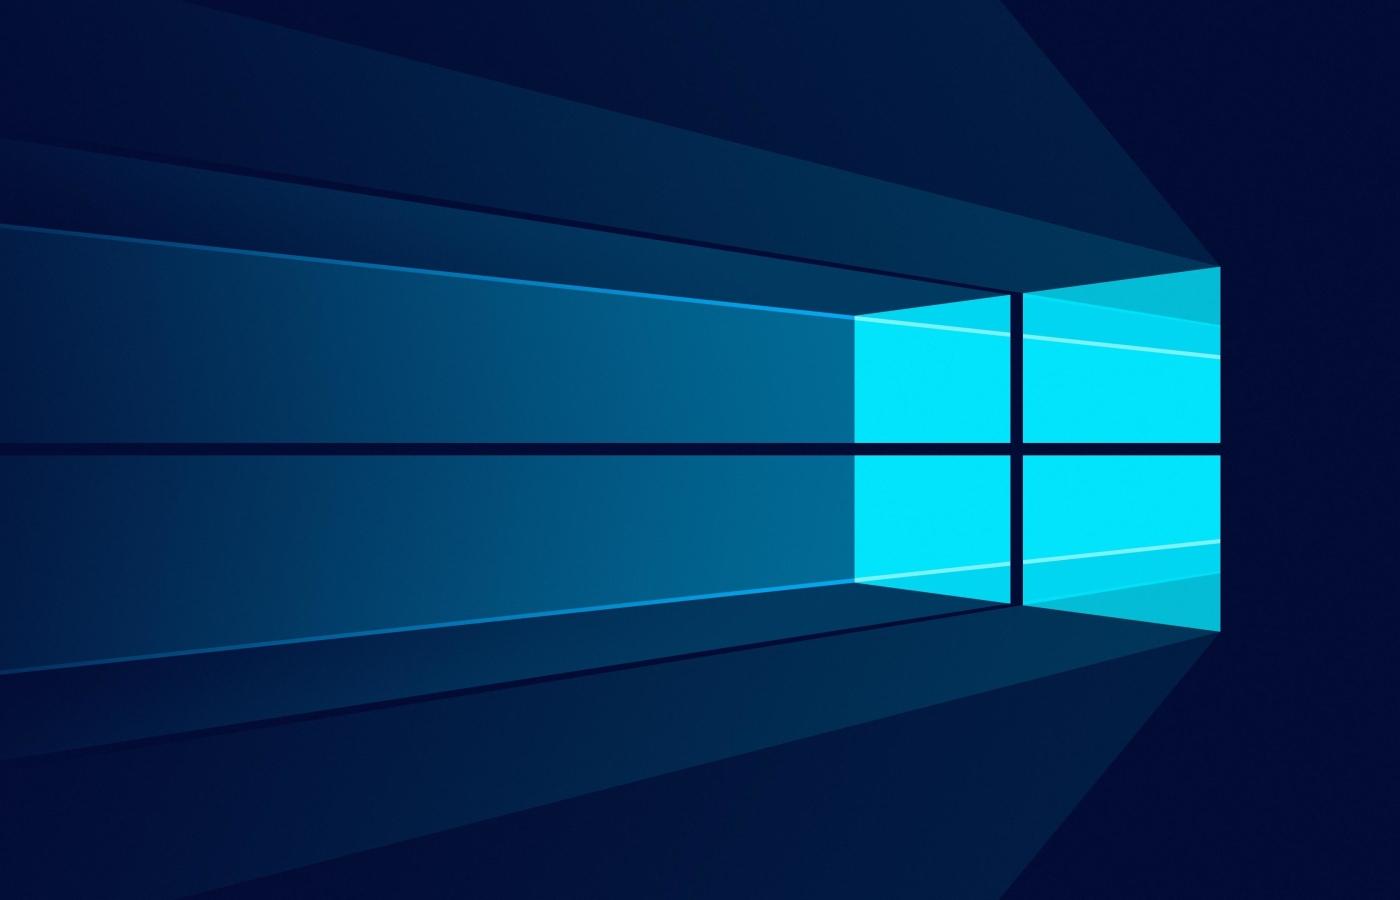 1400x900 Windows 10 Minimal 1400x900 Resolution Wallpaper ...